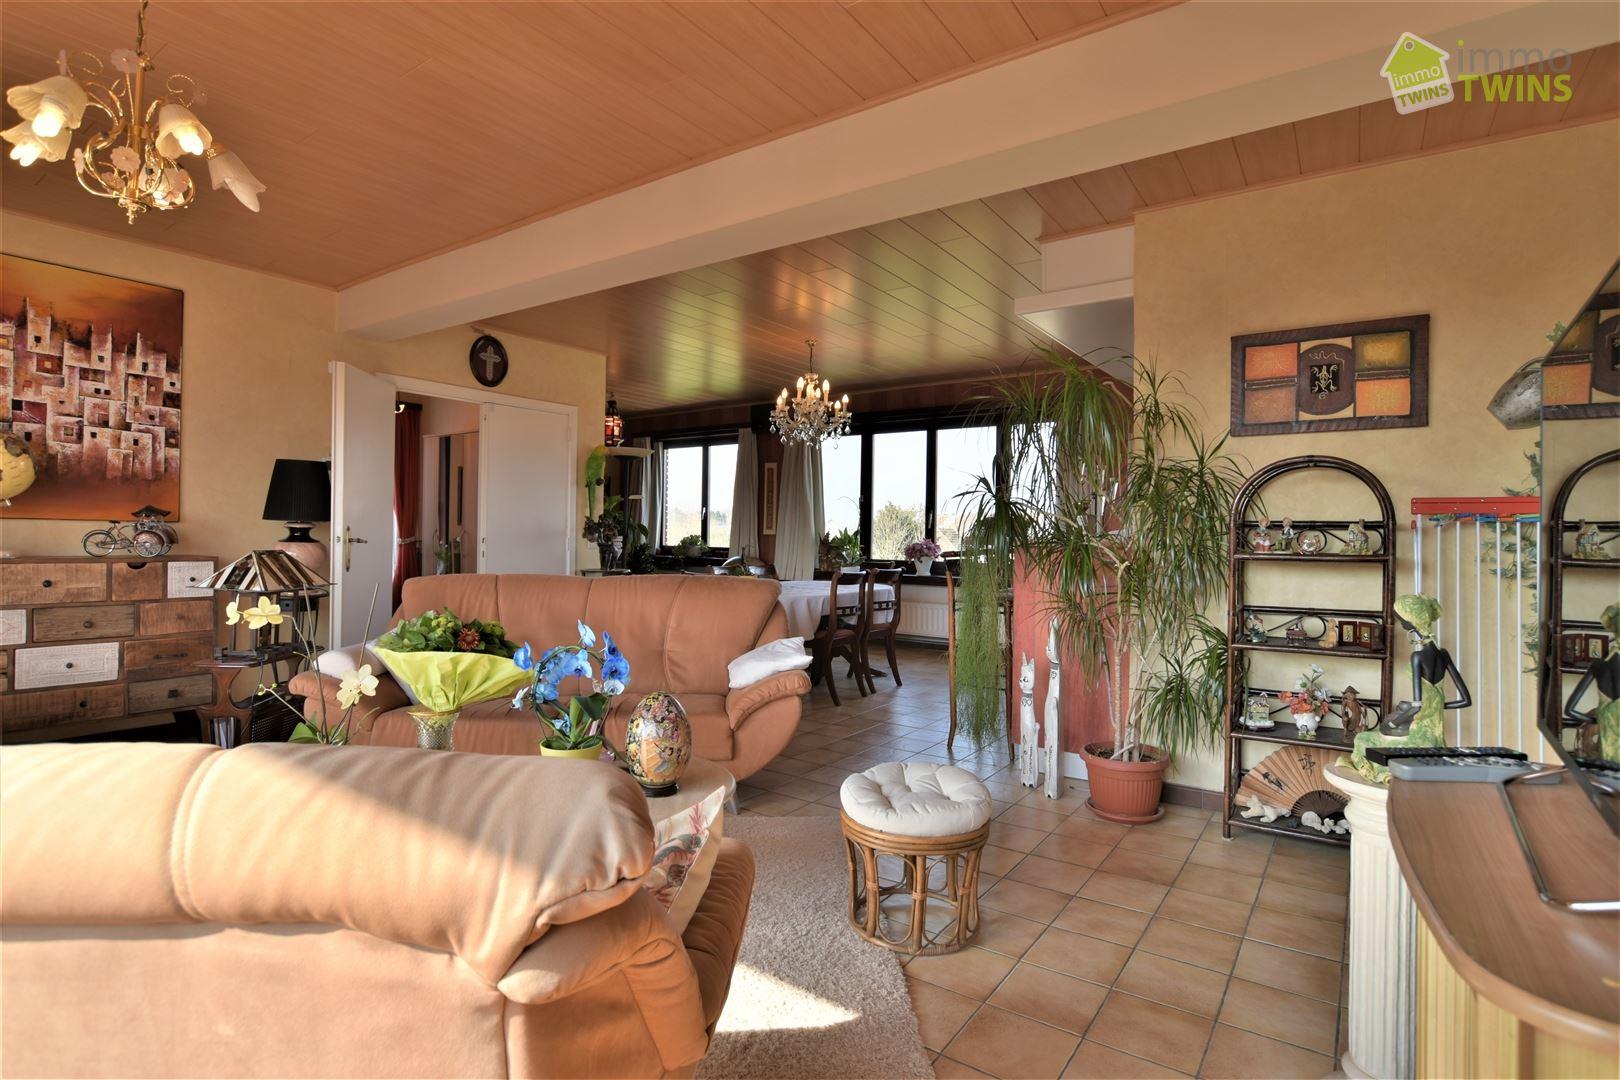 Foto 7 : Appartement te 9300 AALST (België) - Prijs € 224.000